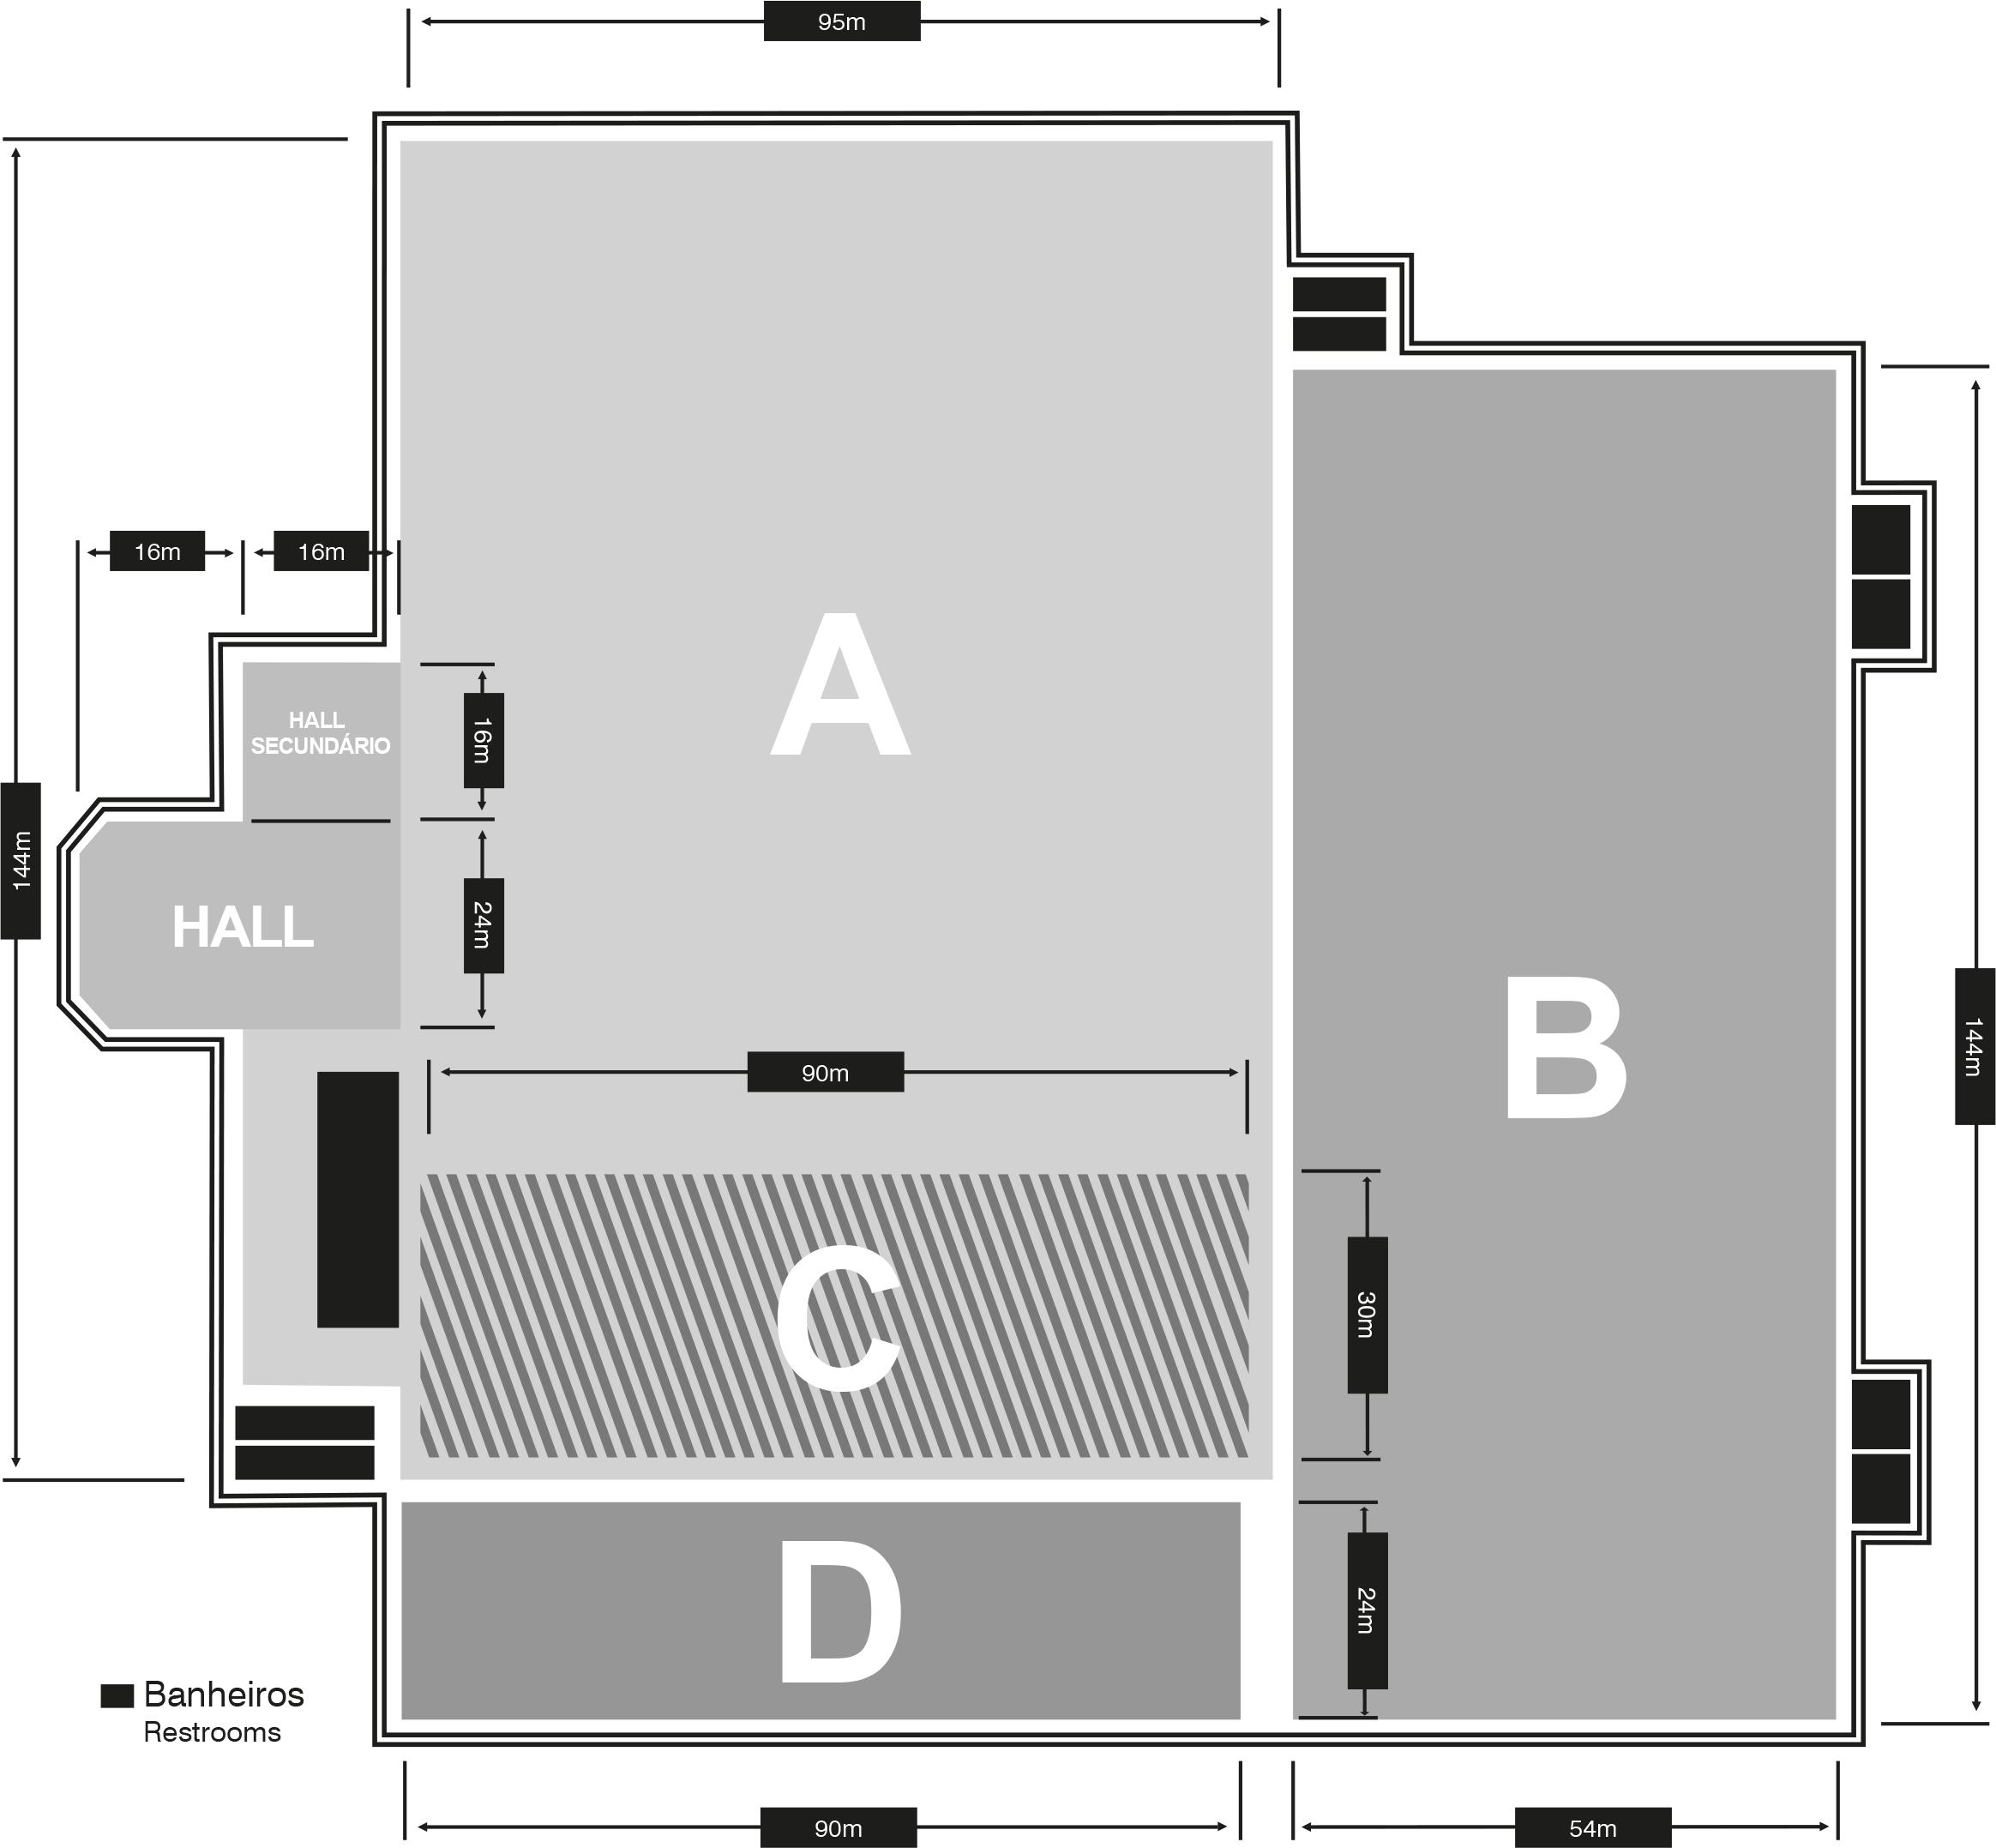 Planta Pavilhões A, B, C e D